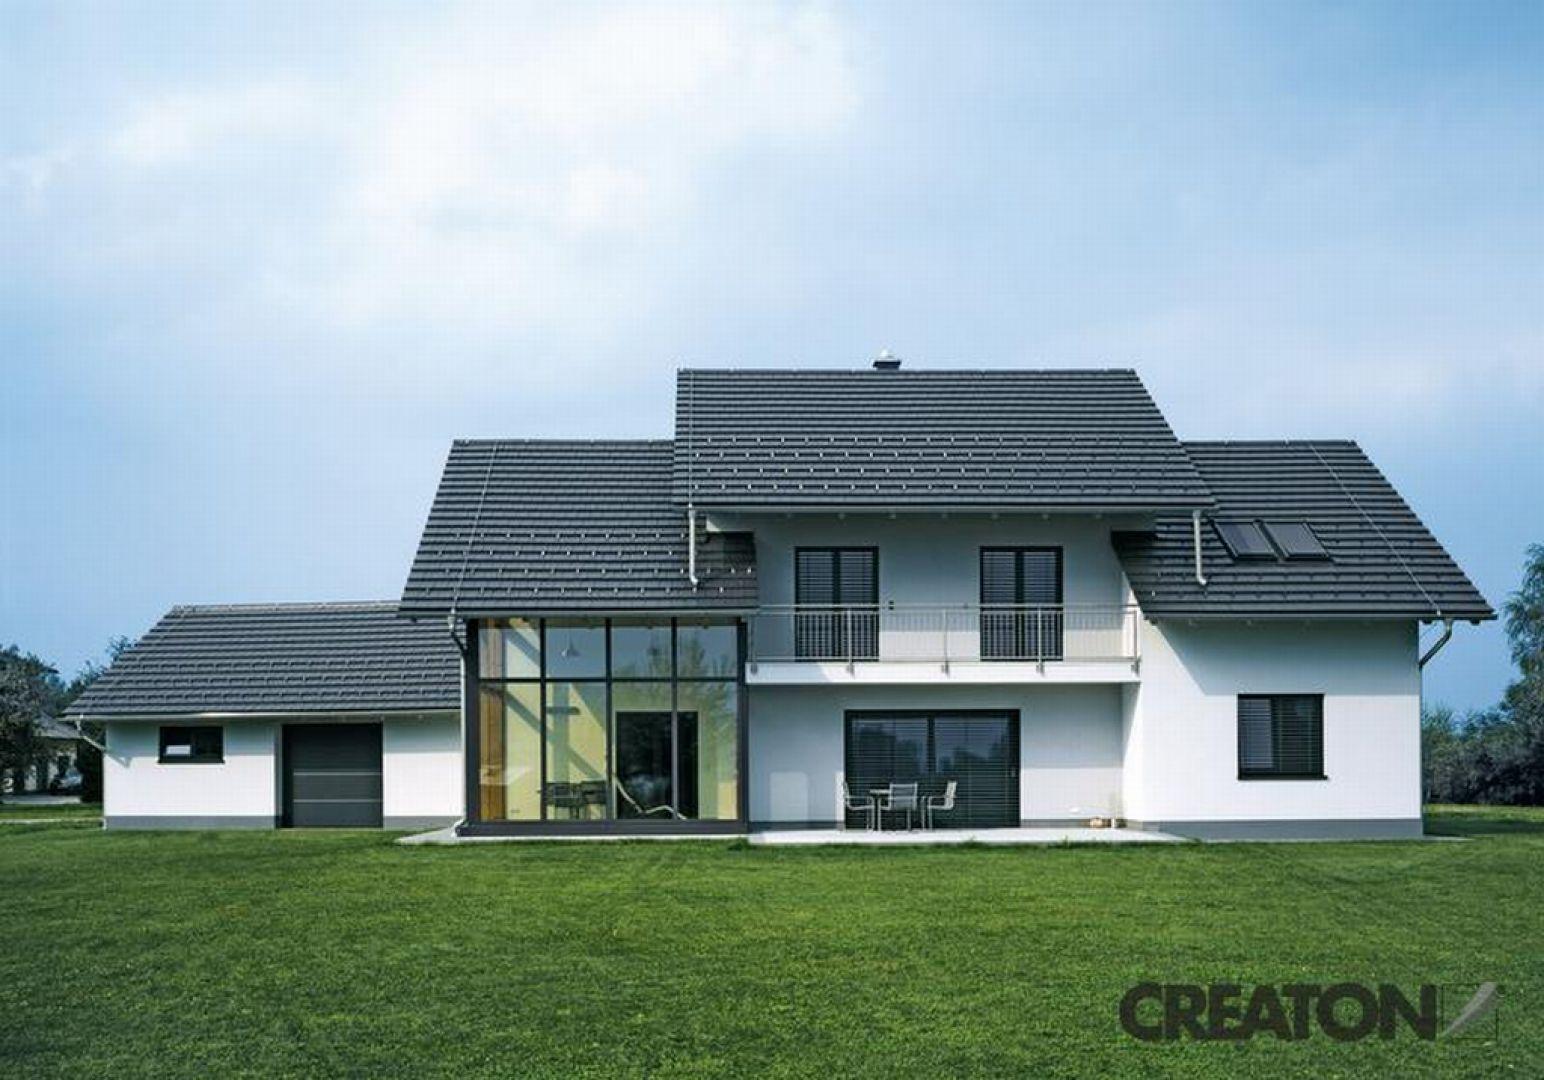 """Podejmując się budowy domu, należy zaplanować wszystko skrupulatnie już na etapie projektu. Zanim jednak zastanowimy się nad układem ścian i aranżacją wnętrz, warto pomyśleć o przysłowiowym """"dachu nad głową"""", który zapewni nam komfort i bezpieczeństwo. Fot. Creaton Polska"""